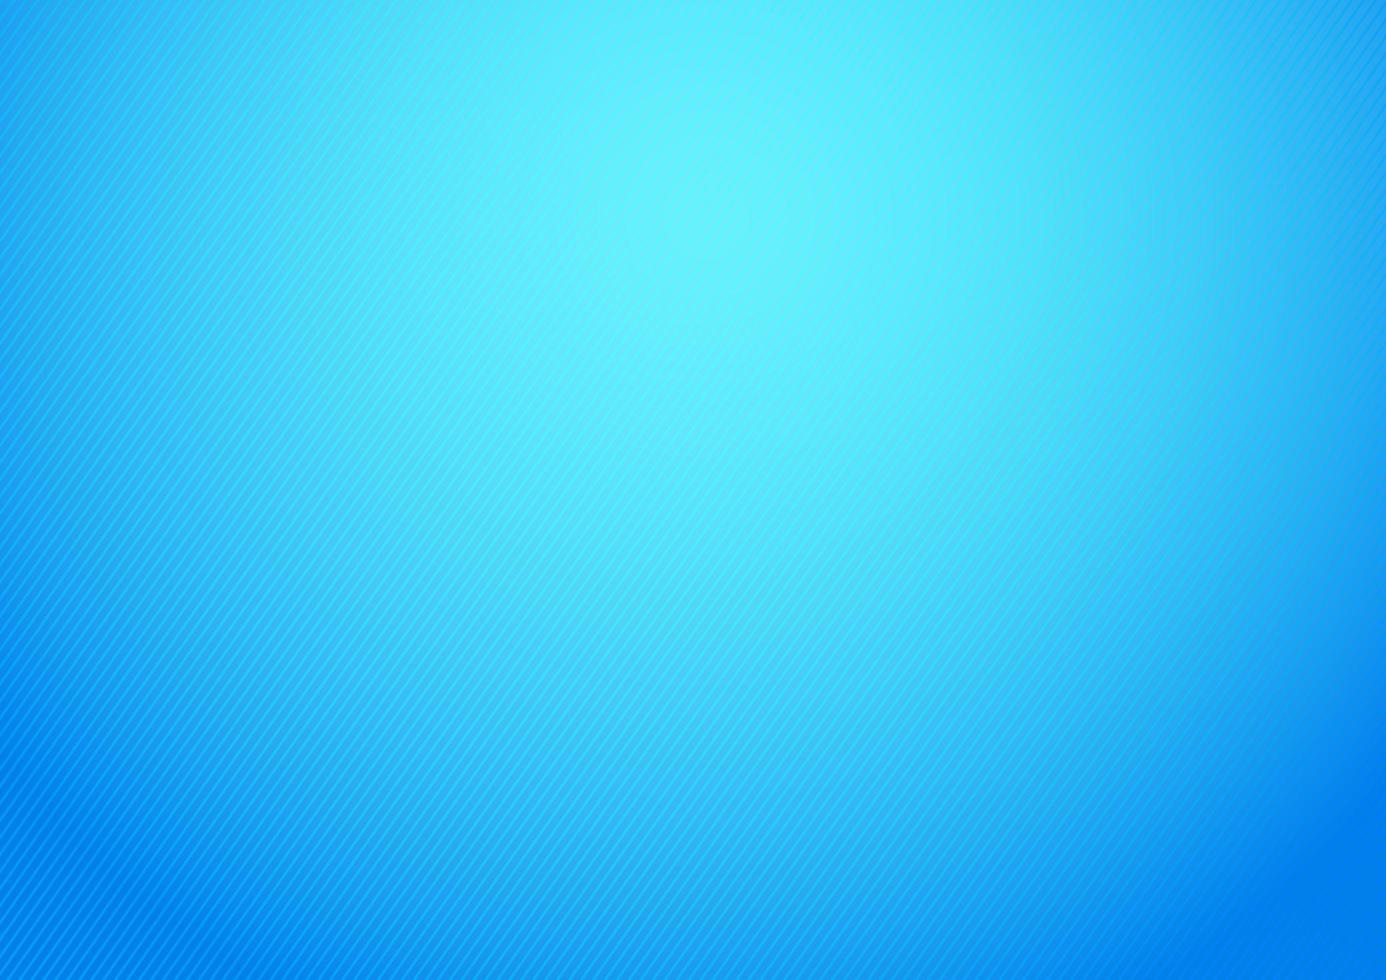 leuchtende blaue diagonale Streifen mit Farbverlauf vektor